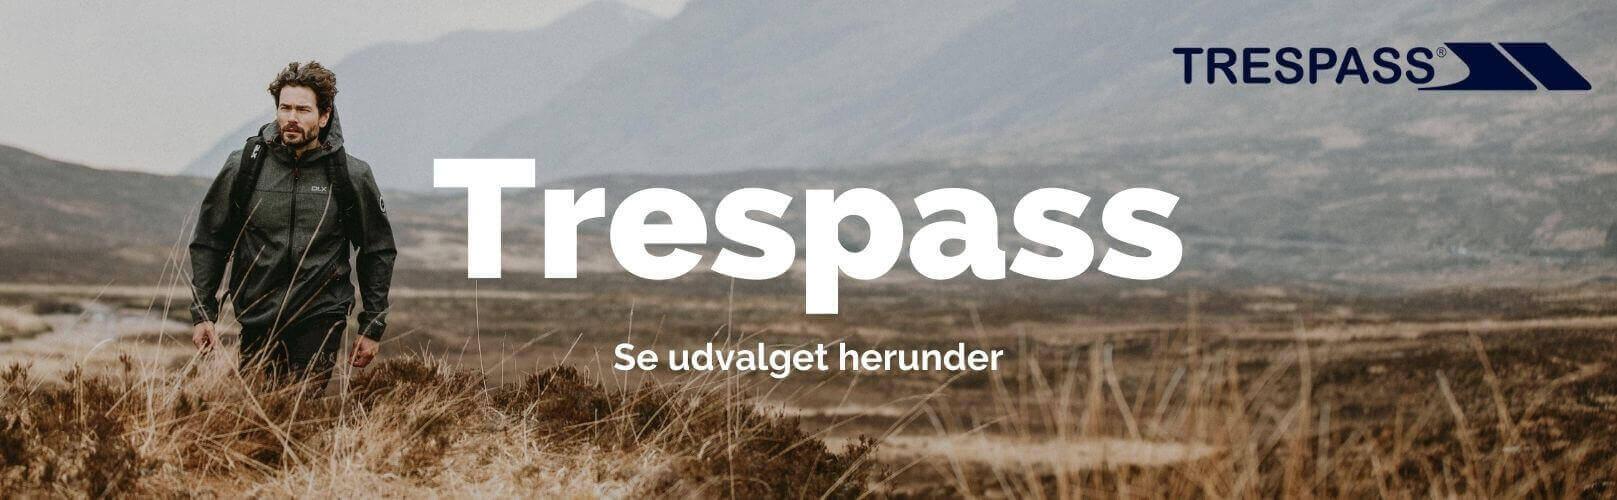 Trespass outdoor banner